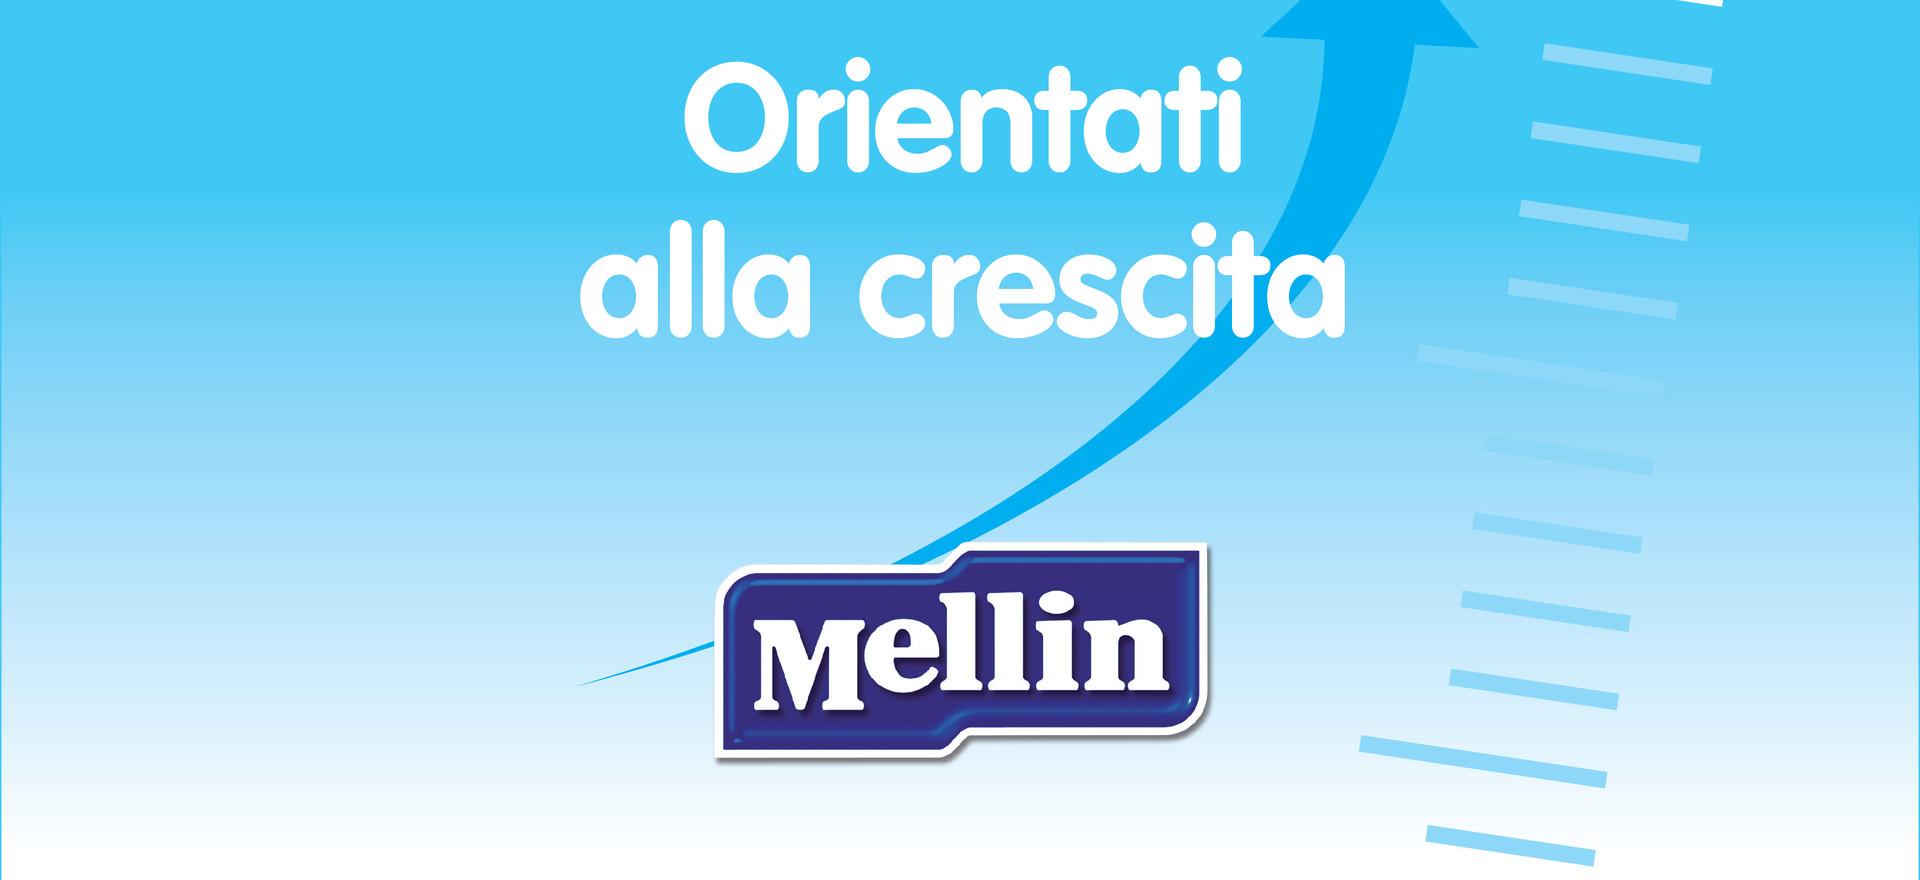 Mellin Convention Annuale Gardaland | Mellin Annual Convention Gardaland